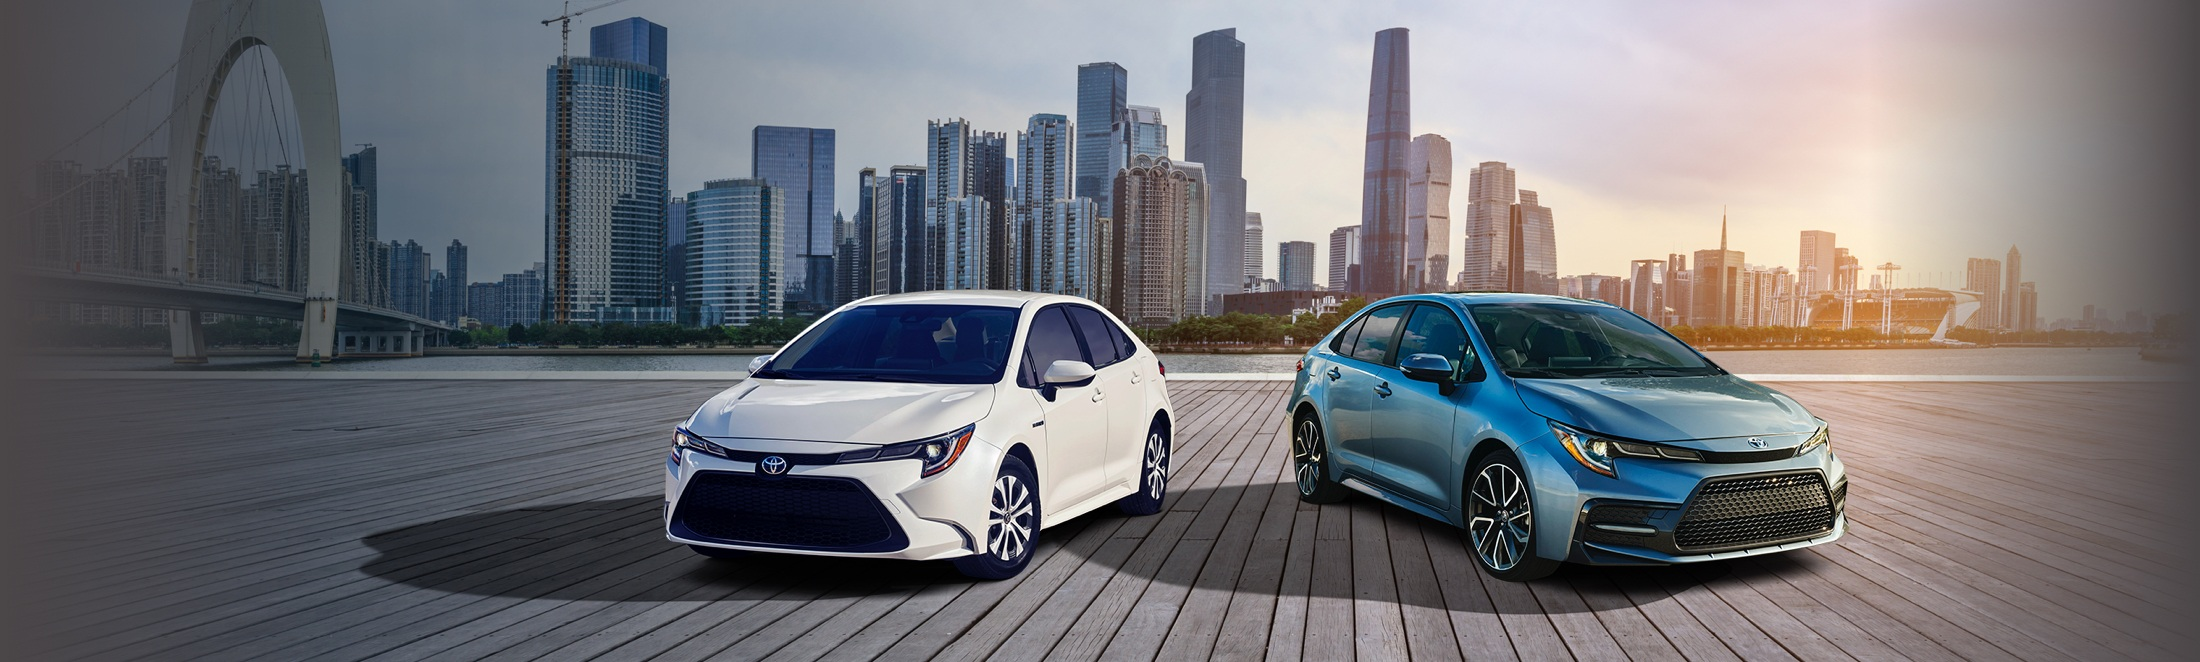 toyota-register-for-updates-2020-corolla-hybrid-corolla-sedan-l